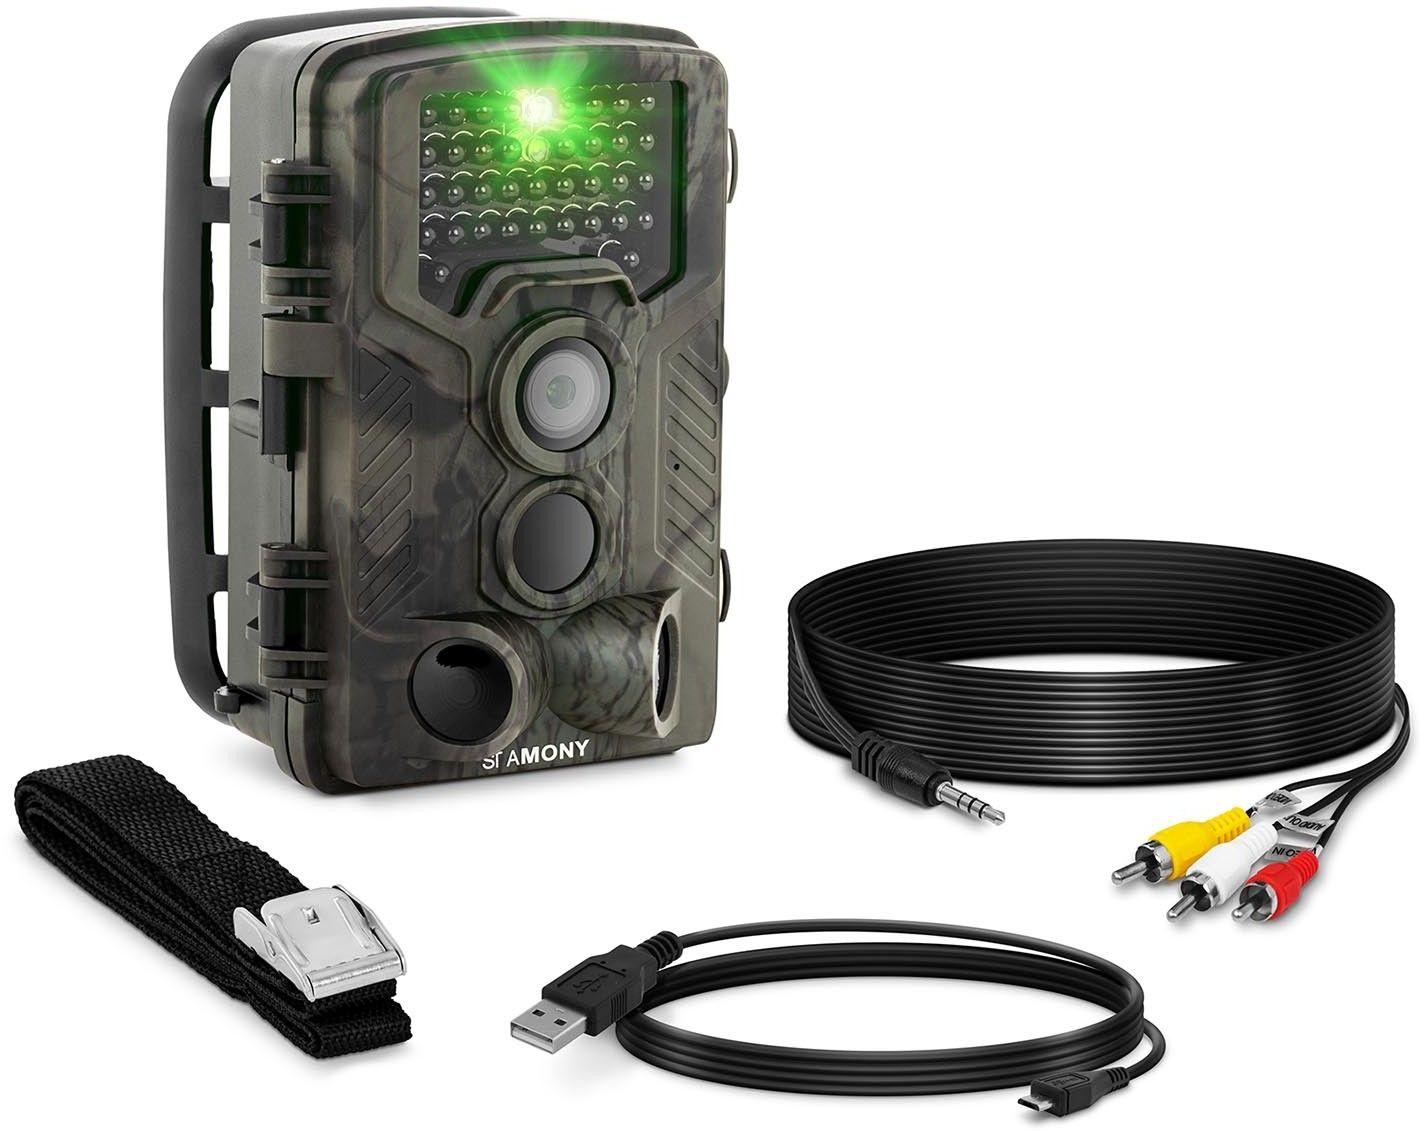 Fotopułapka - 8 MP - Full HD - 42 IR LED - 20 m - 0,3 s - StaMony - ST-HC-8000B - 3 lata gwarancji/wysyłka w 24h